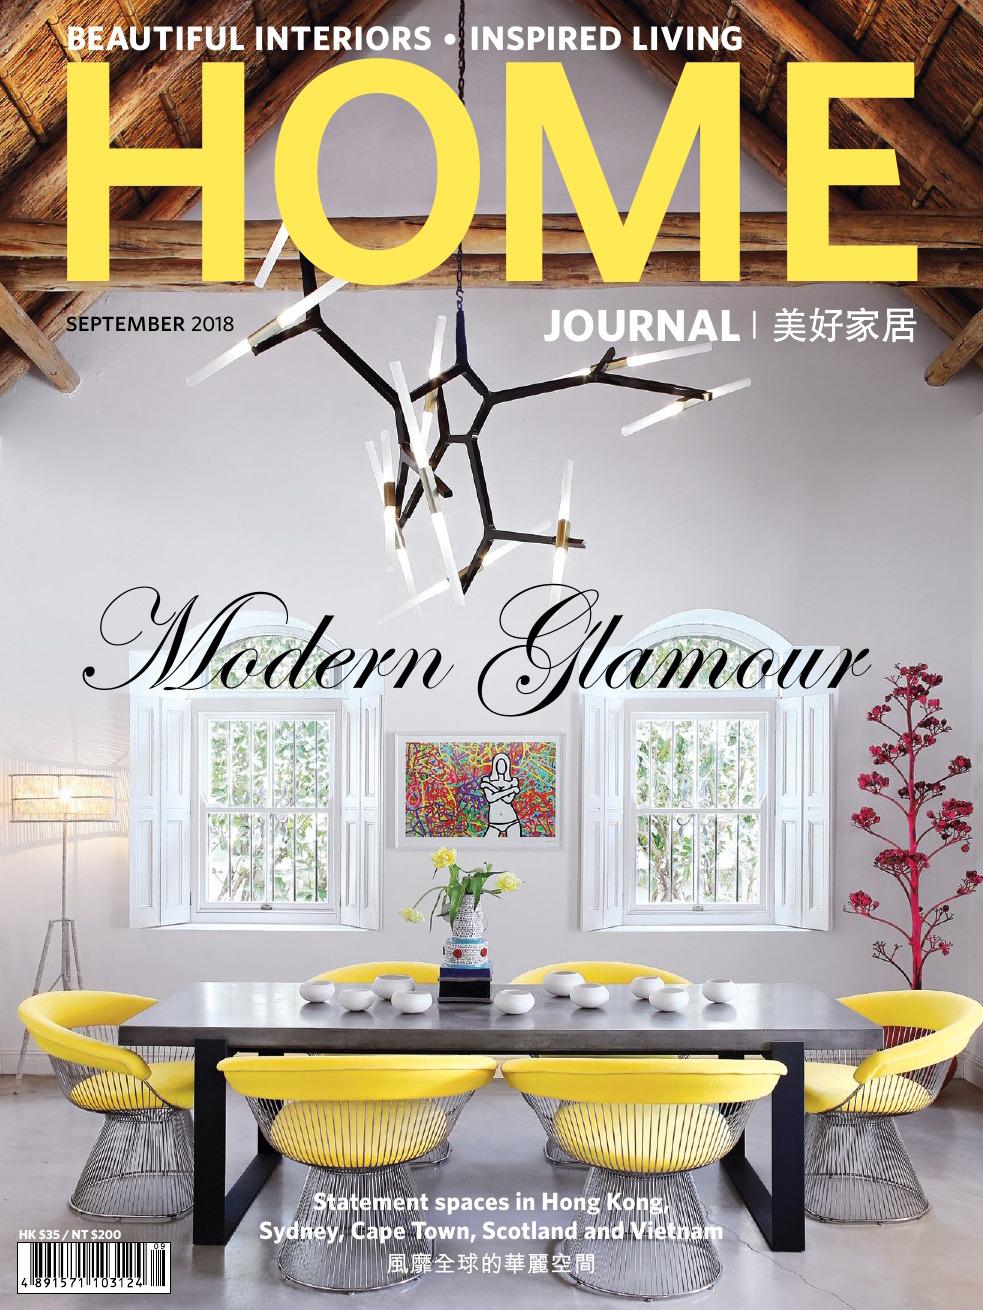 《Home Journal》香港室内设计流行趋势杂志2018年09月号